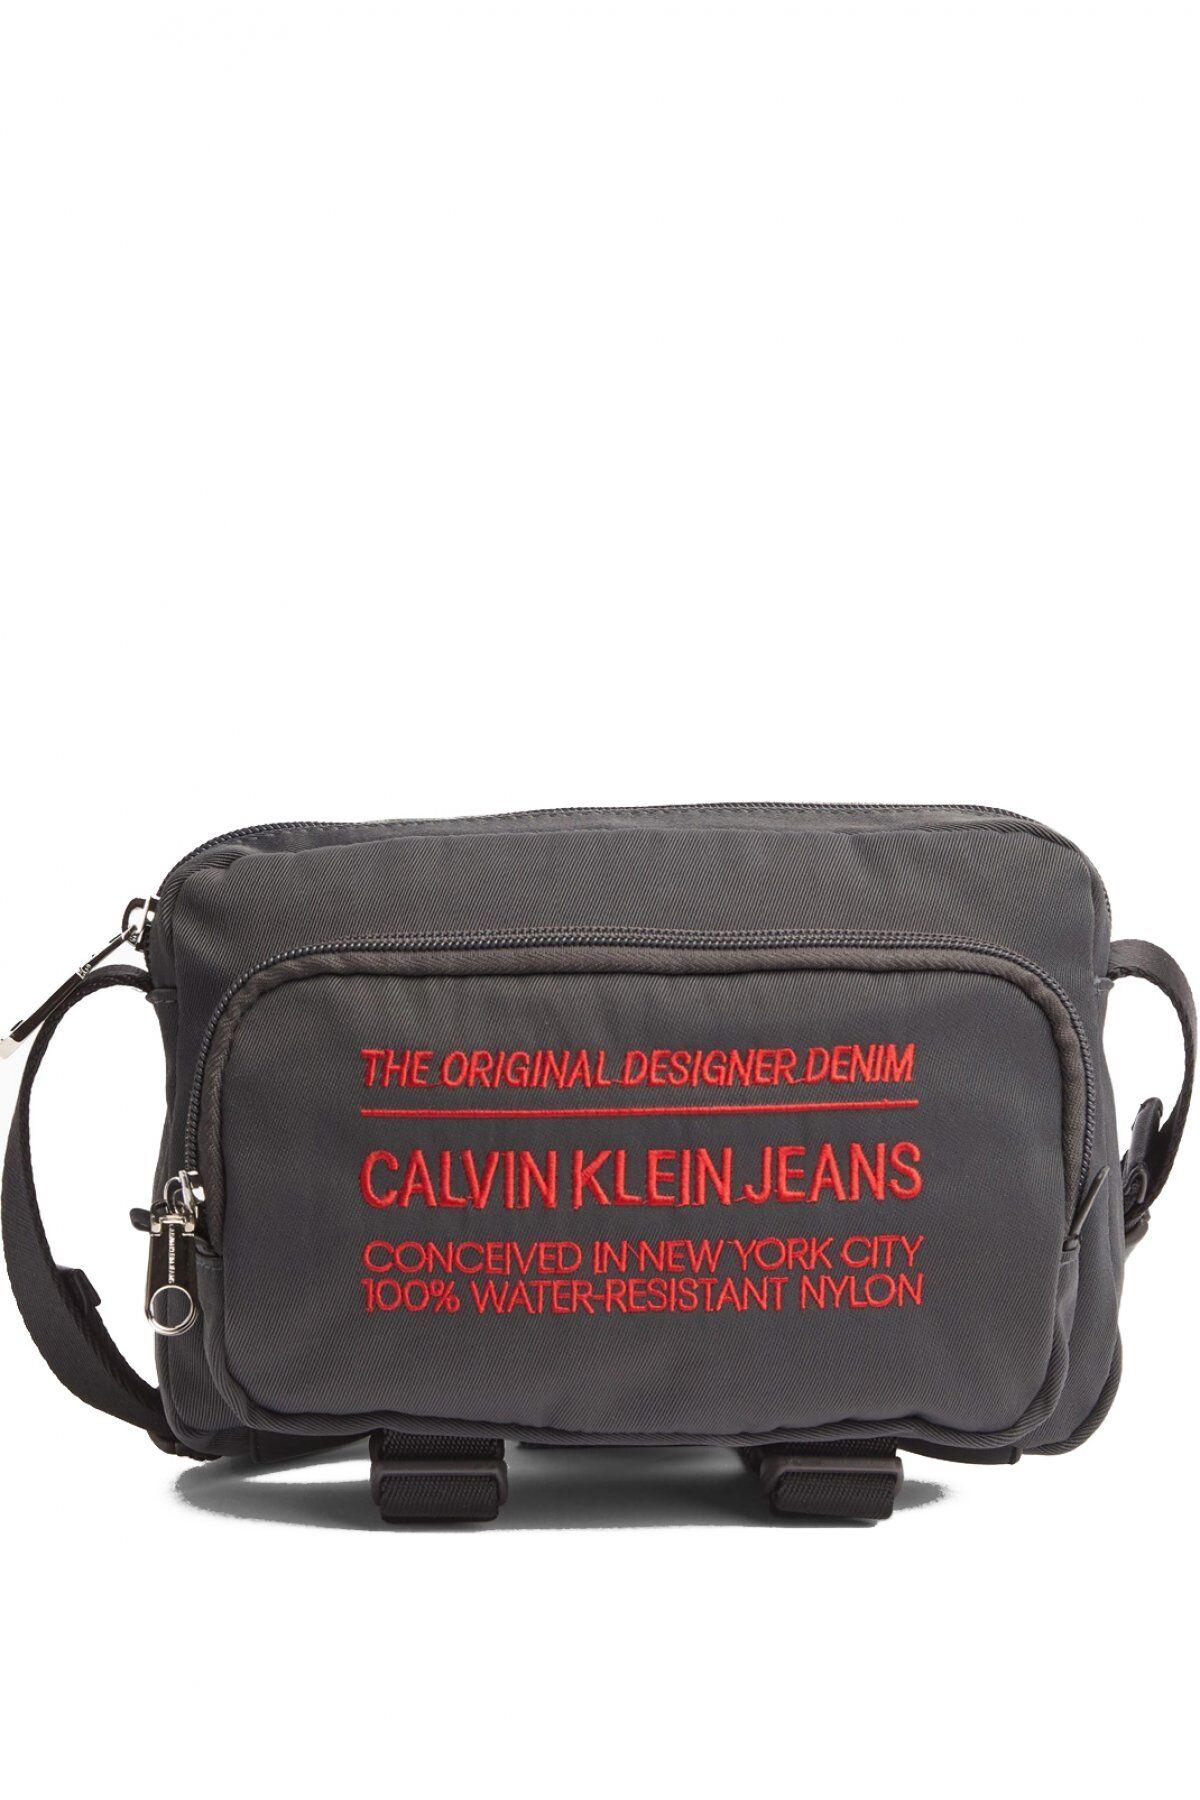 Calvin klein Dimensions Hxlxp, En Cm: 16x20x6tons: Les Gris